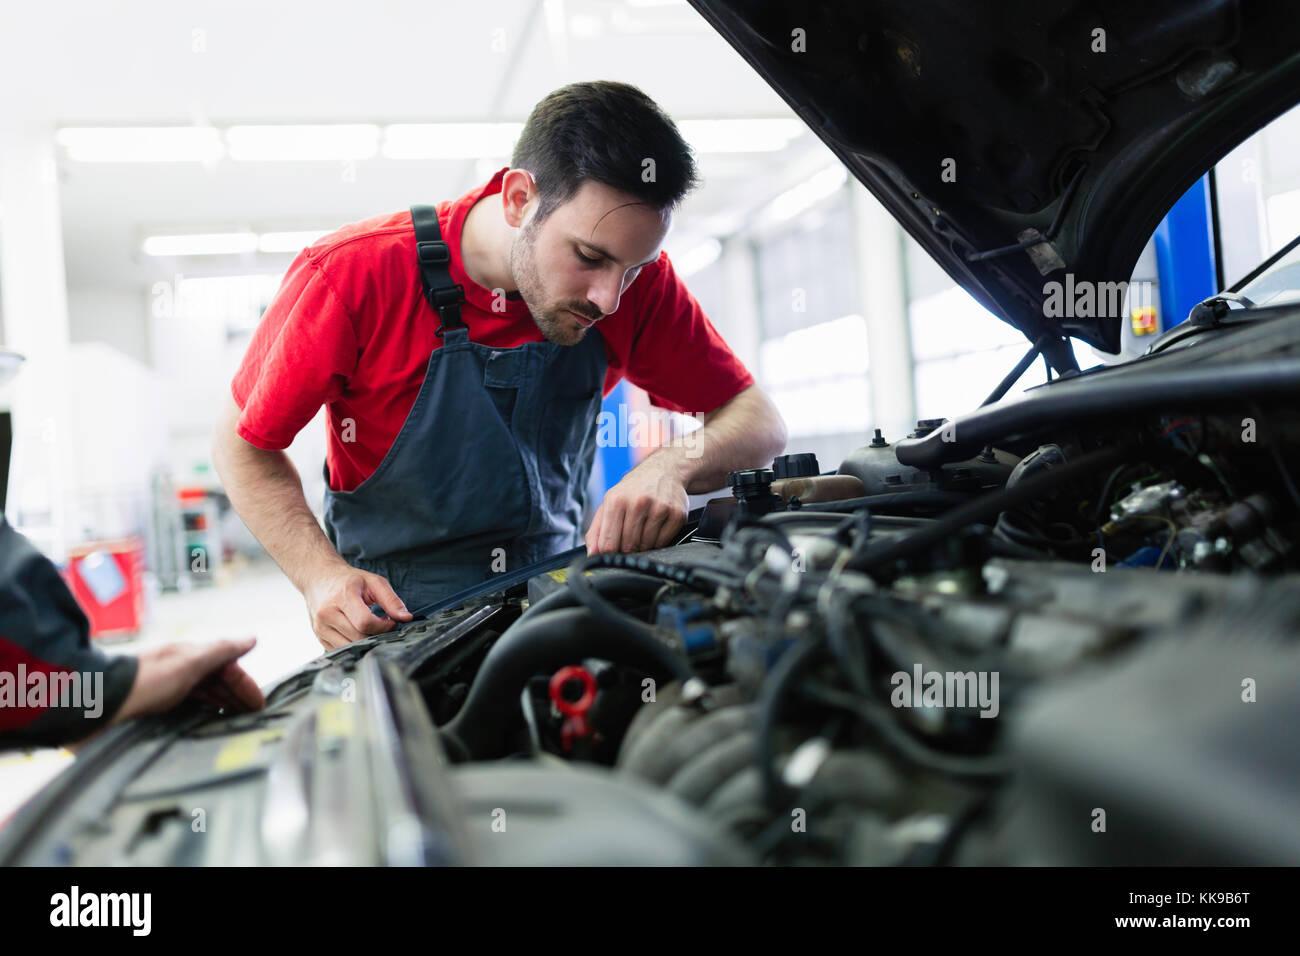 Automechaniker bei Automotive Service Center arbeiten Stockbild